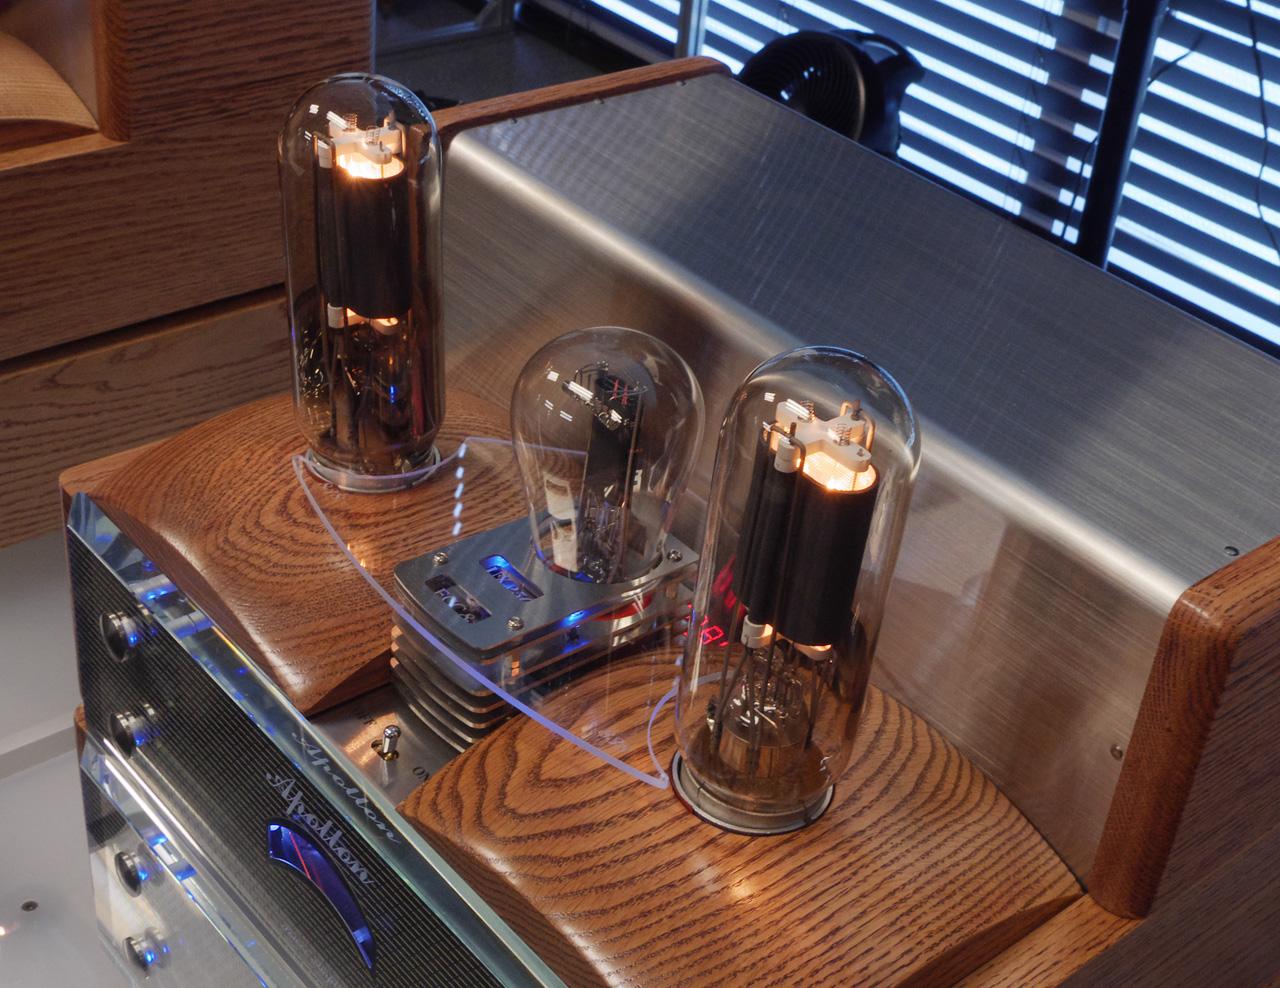 apollon-daphne-power-amplifier-detail-featured